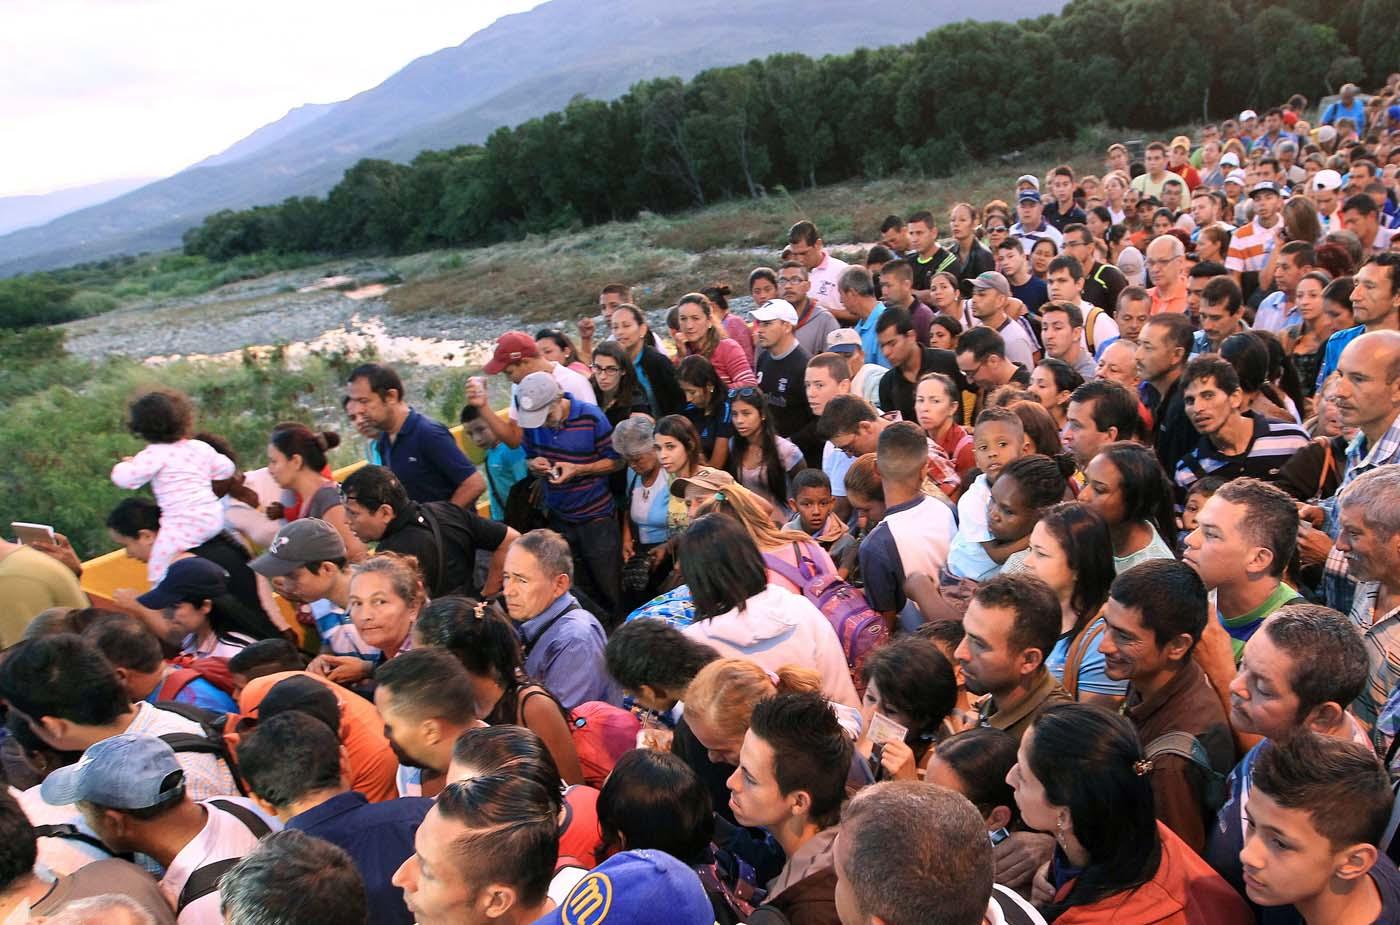 GRA064 CÚCUTA (COLOMBIA), 13/08/2016.- La frontera de Colombia y Venezuela, que permanecía cerrada desde hace casi un año, fue reabierta hoy al paso peatonal y miles de venezolanos pasaron a la ciudad de Cúcuta para comprar alimentos y medicinas. Horas antes de la apertura, que se produjo a las 05.00 hora colombiana (10.00 GMT) tal y como estaba previsto, miles de personas se reunieron en el lado venezolano del Puente Internacional Simón Bolívar, que une la localidad colombiana de Cúcuta y la venezolana de San Antonio del Táchira. EFE/MAURICIO DUEÑAS CASTAÑEDA